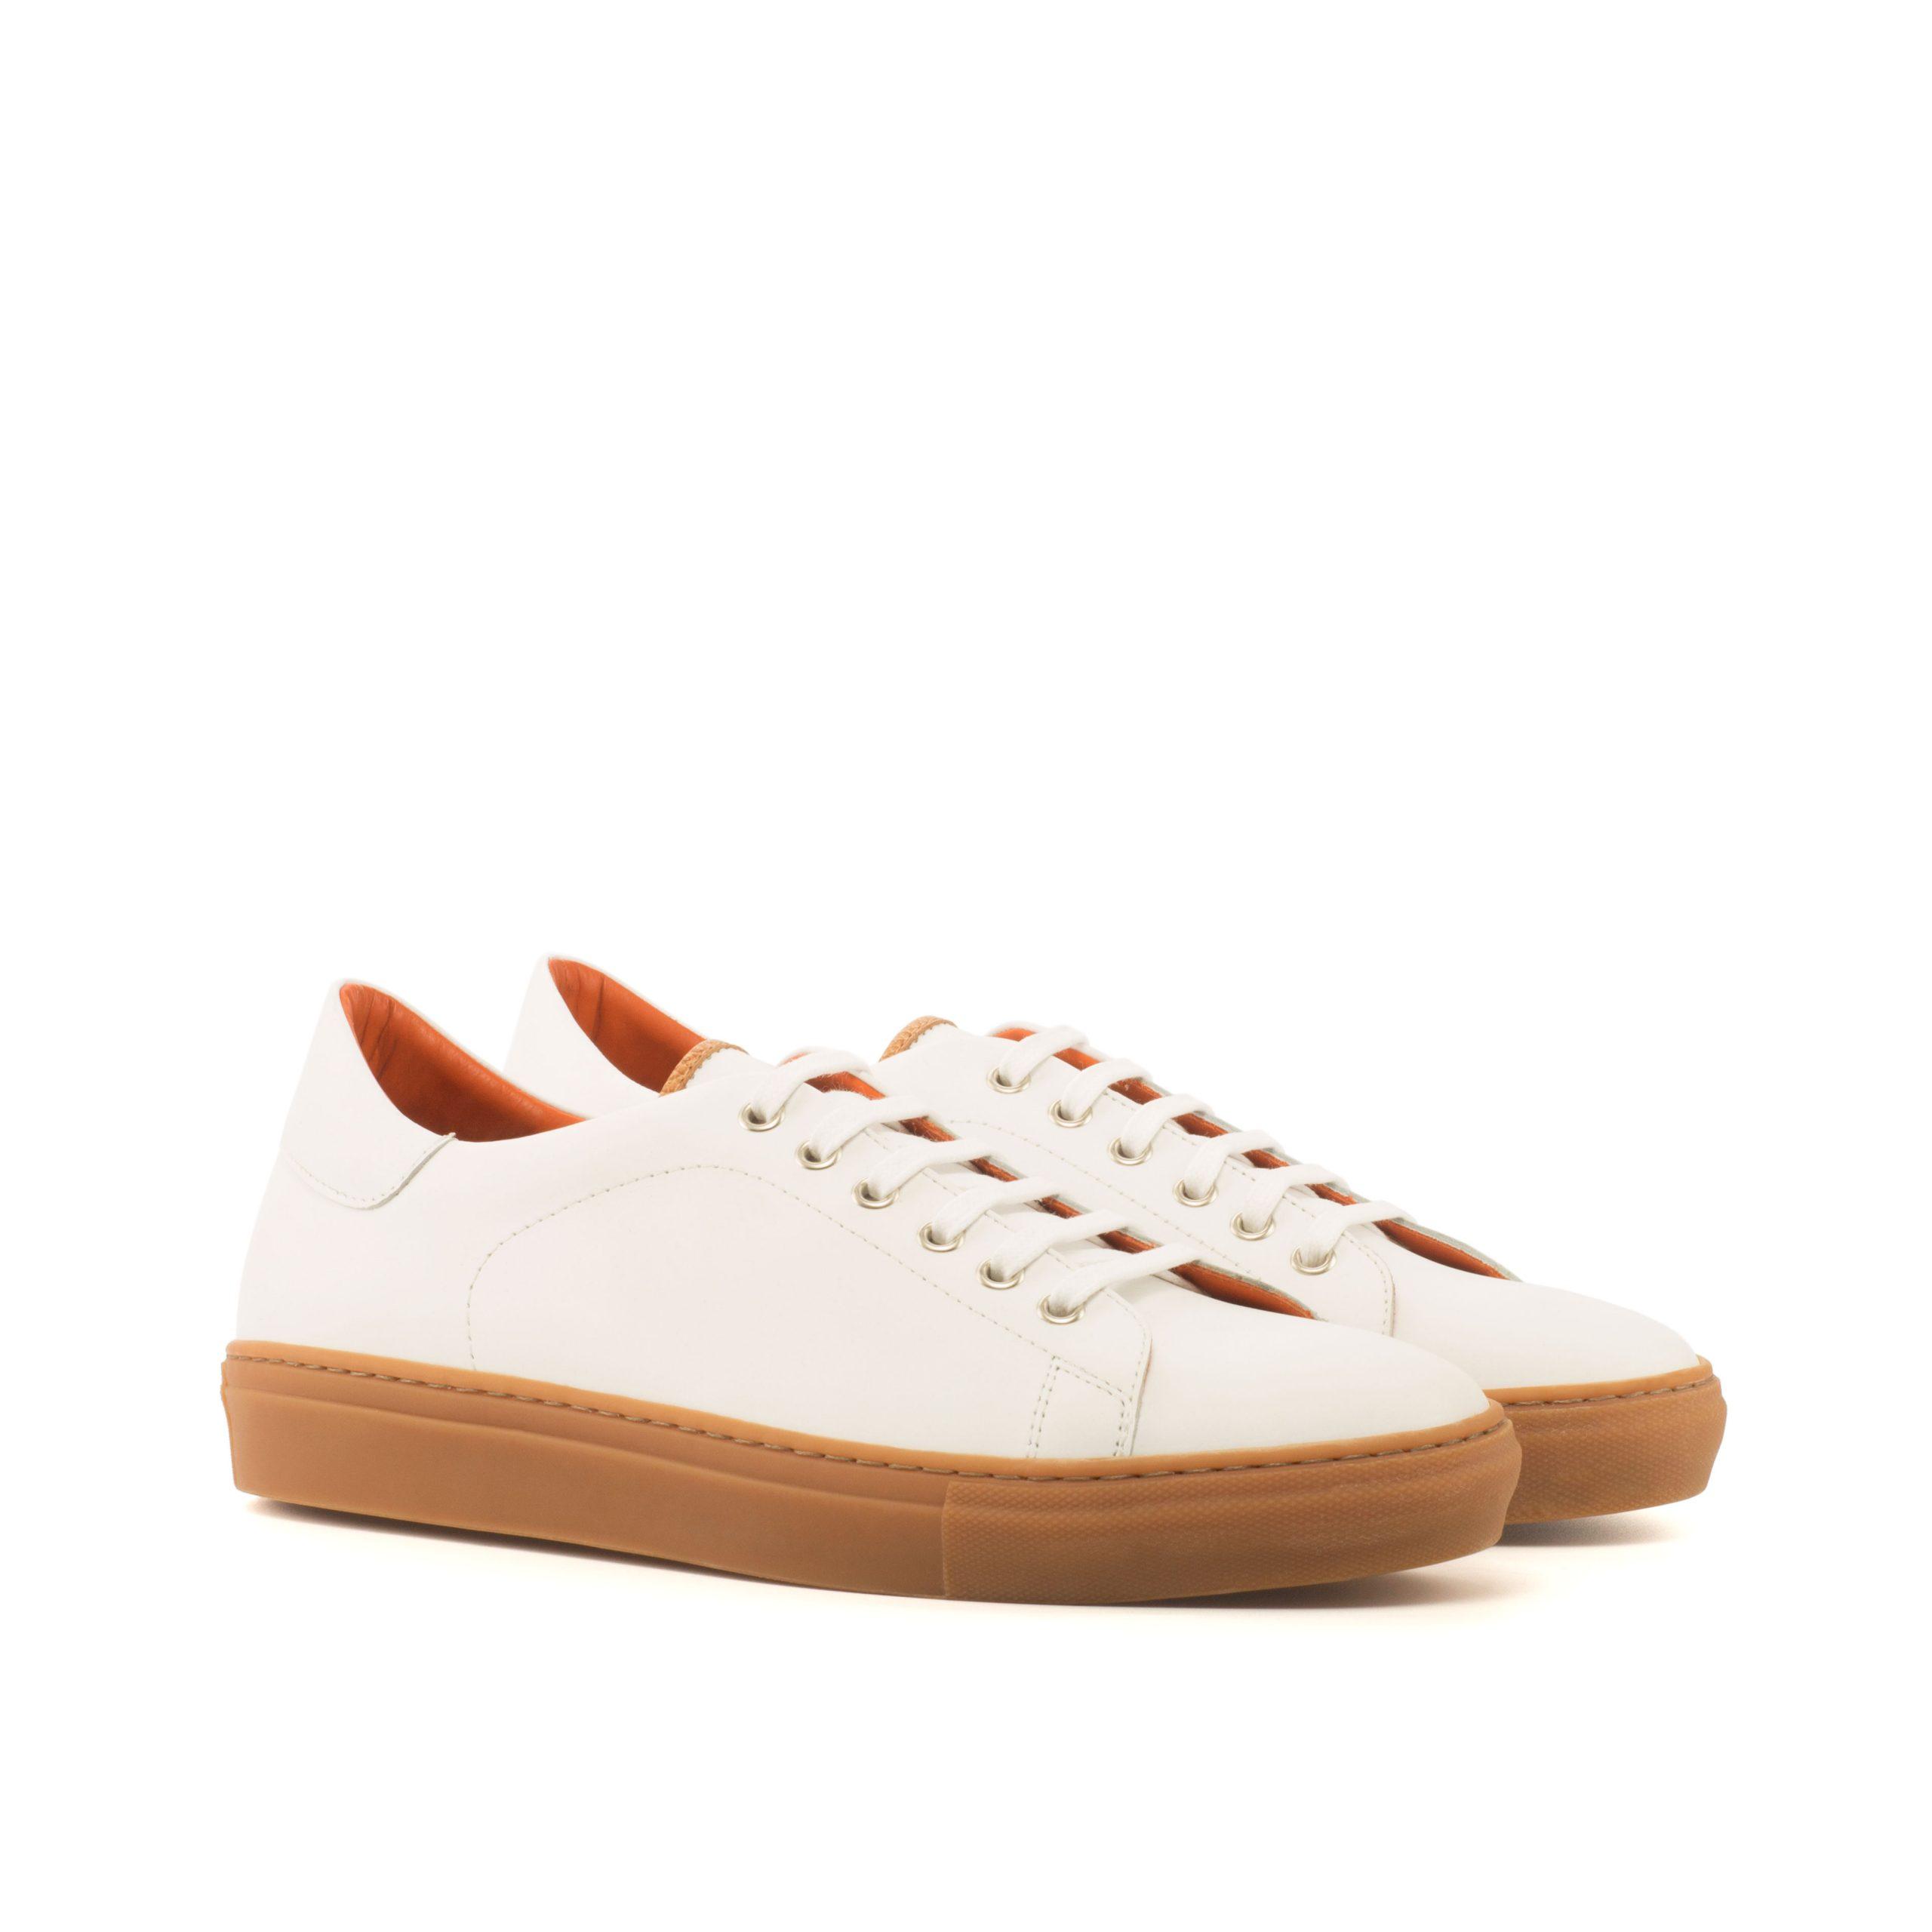 Trainer Sneaker - Box Calf White-Painted Full Grain Cognac-Ang5